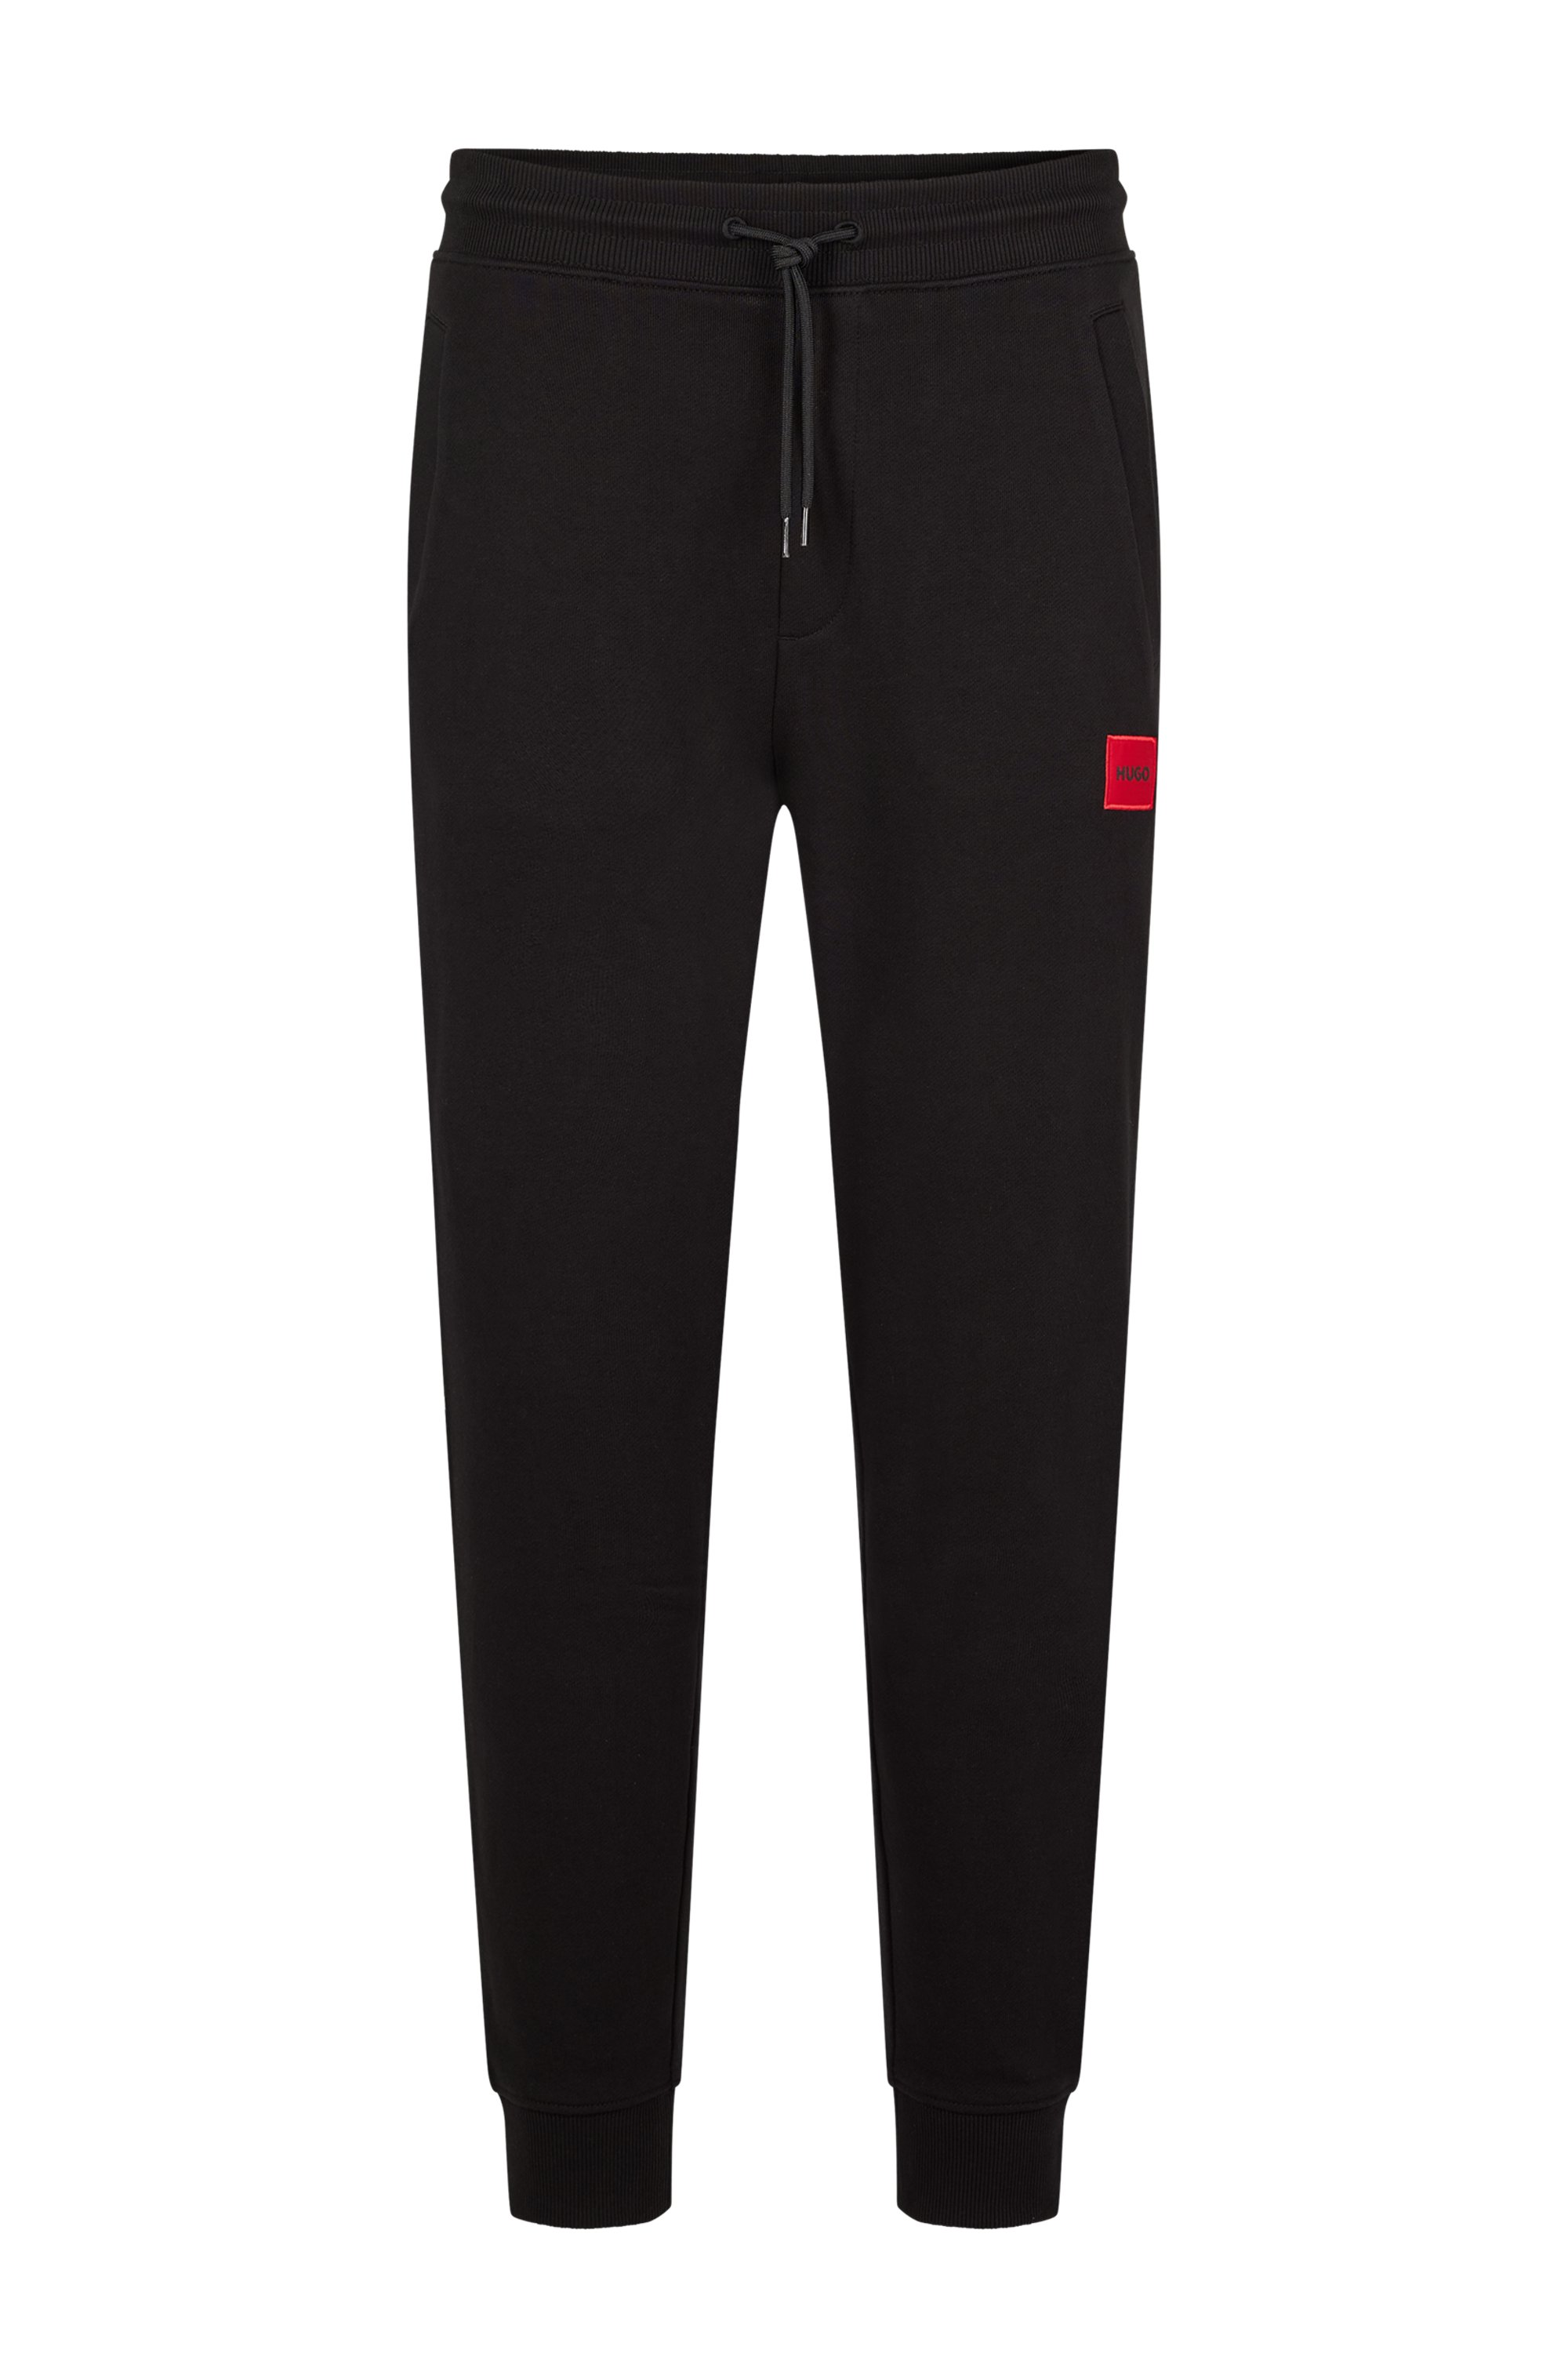 Bas de survêtement en coton avec patch logo rouge, Noir